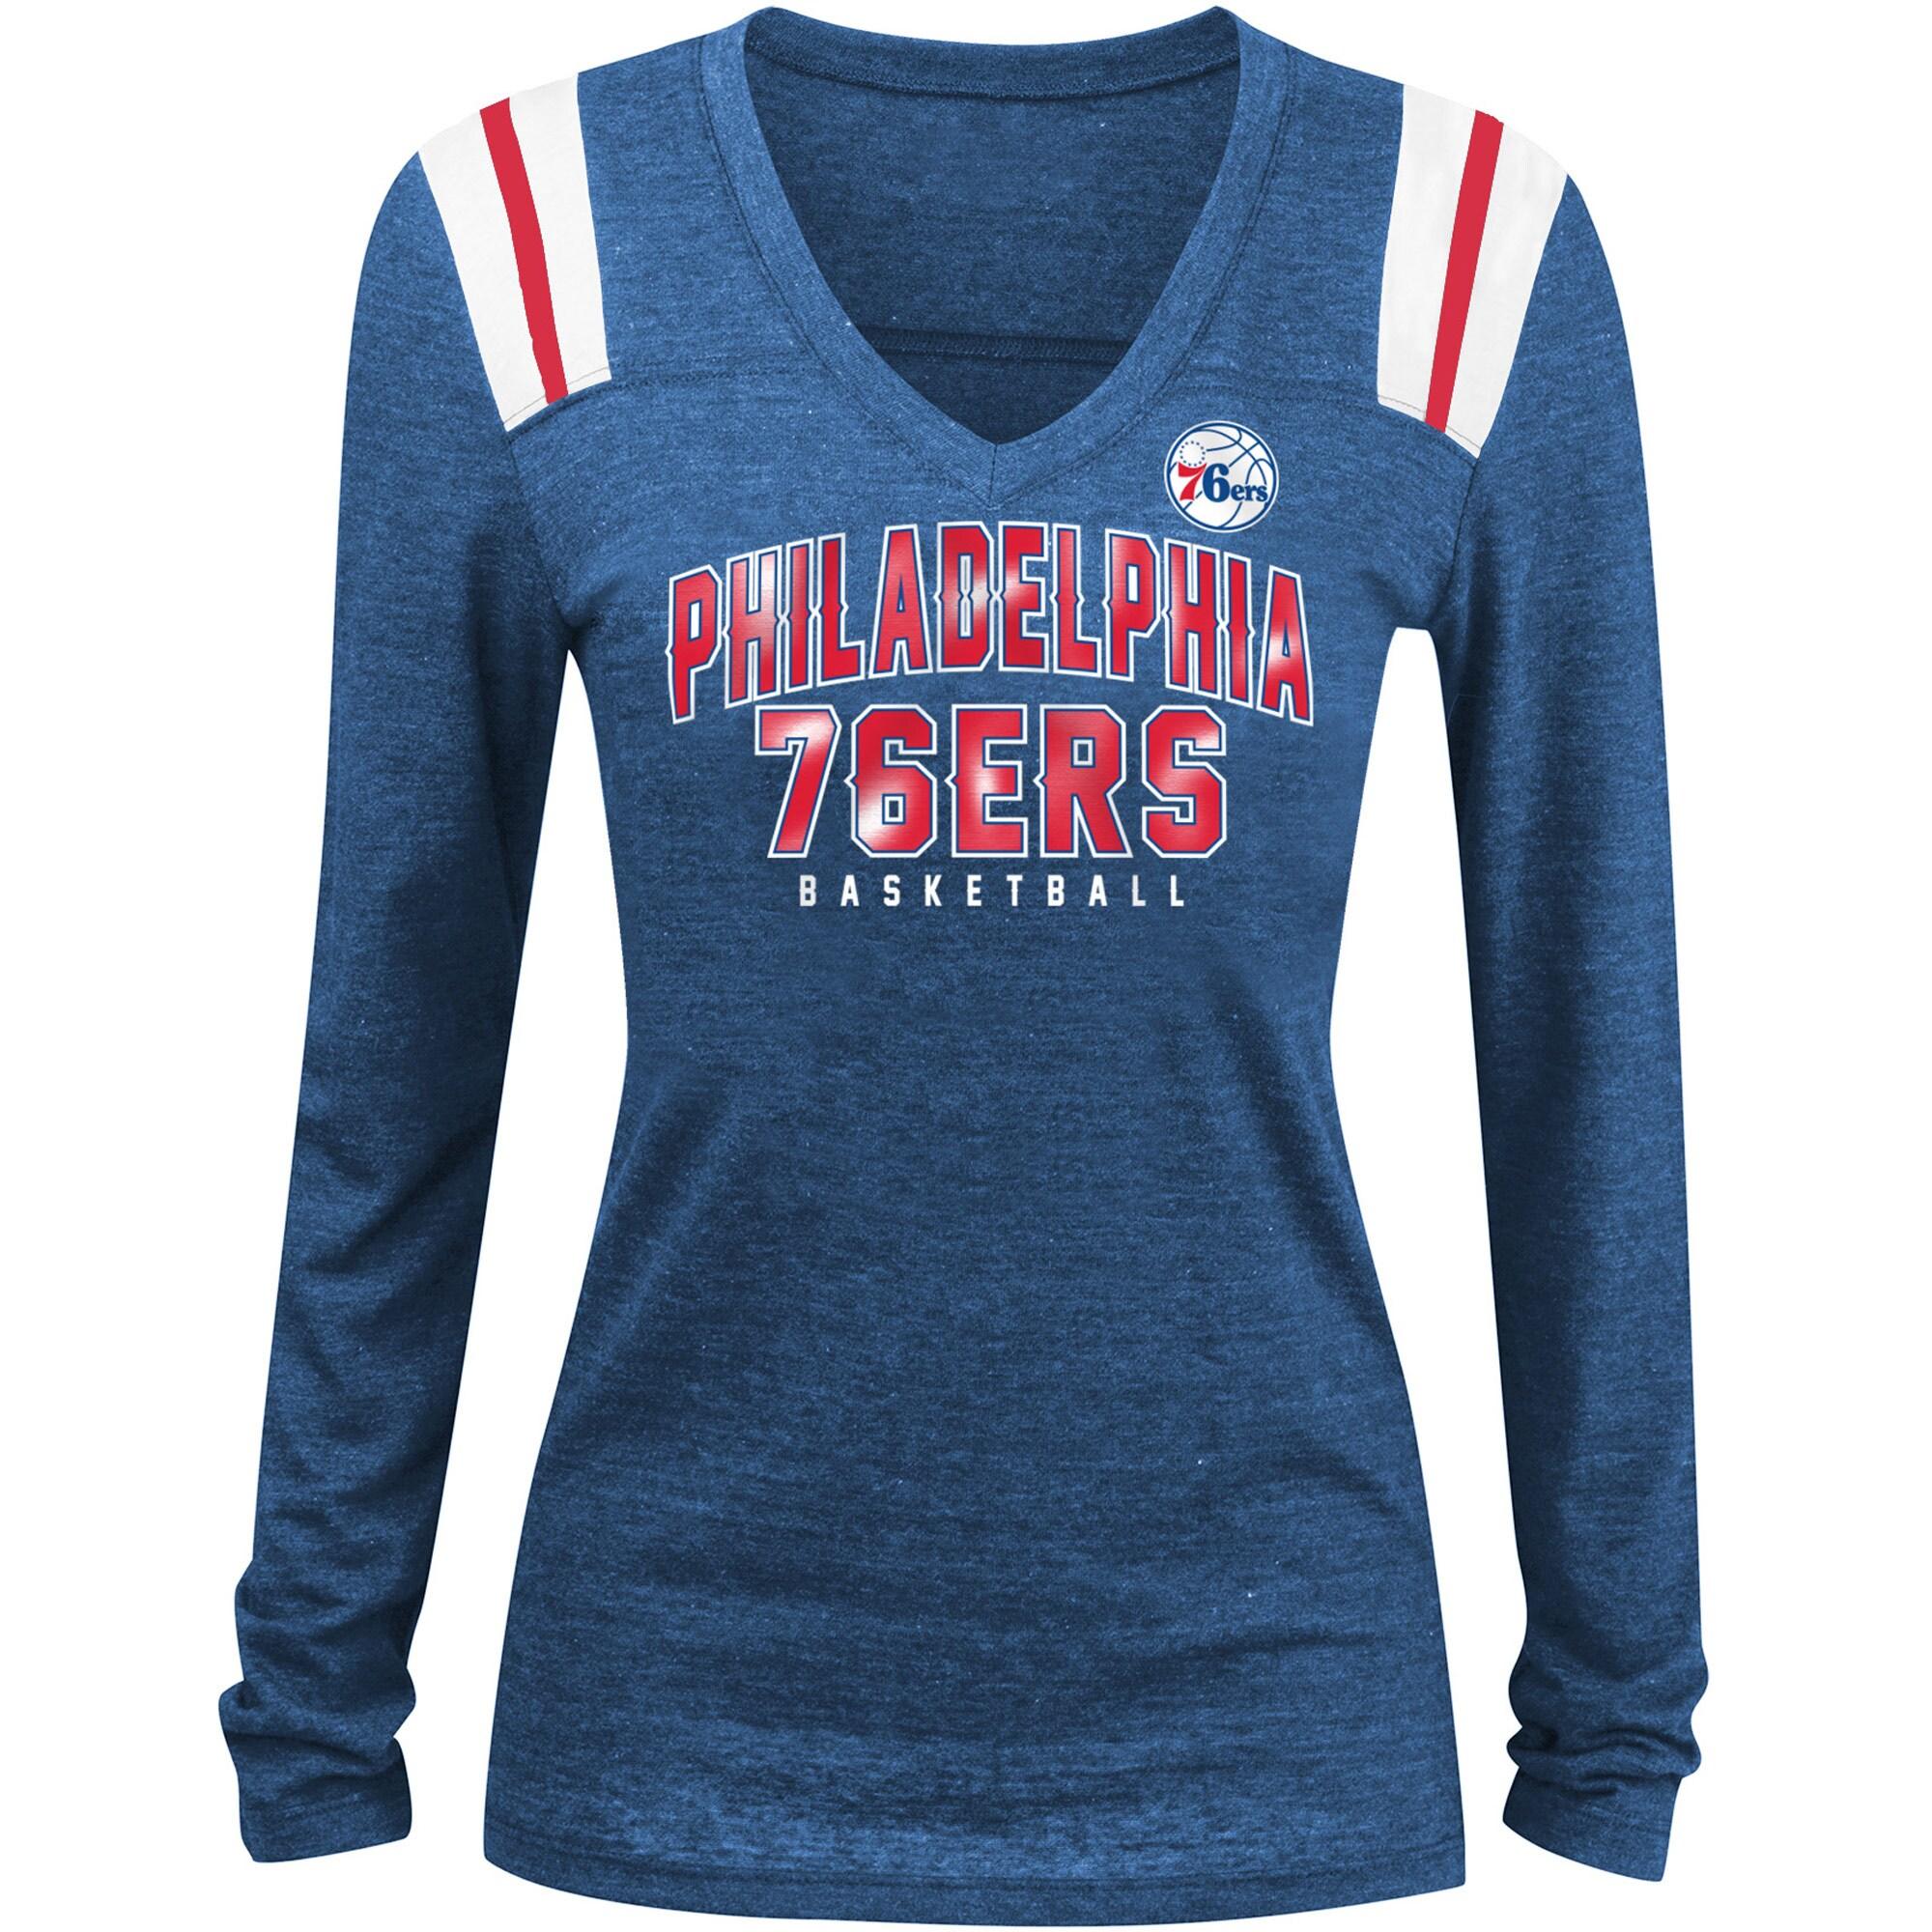 Philadelphia 76ers New Era Women's Tri-Blend Long Sleeve V-Neck T-Shirt - Royal/White